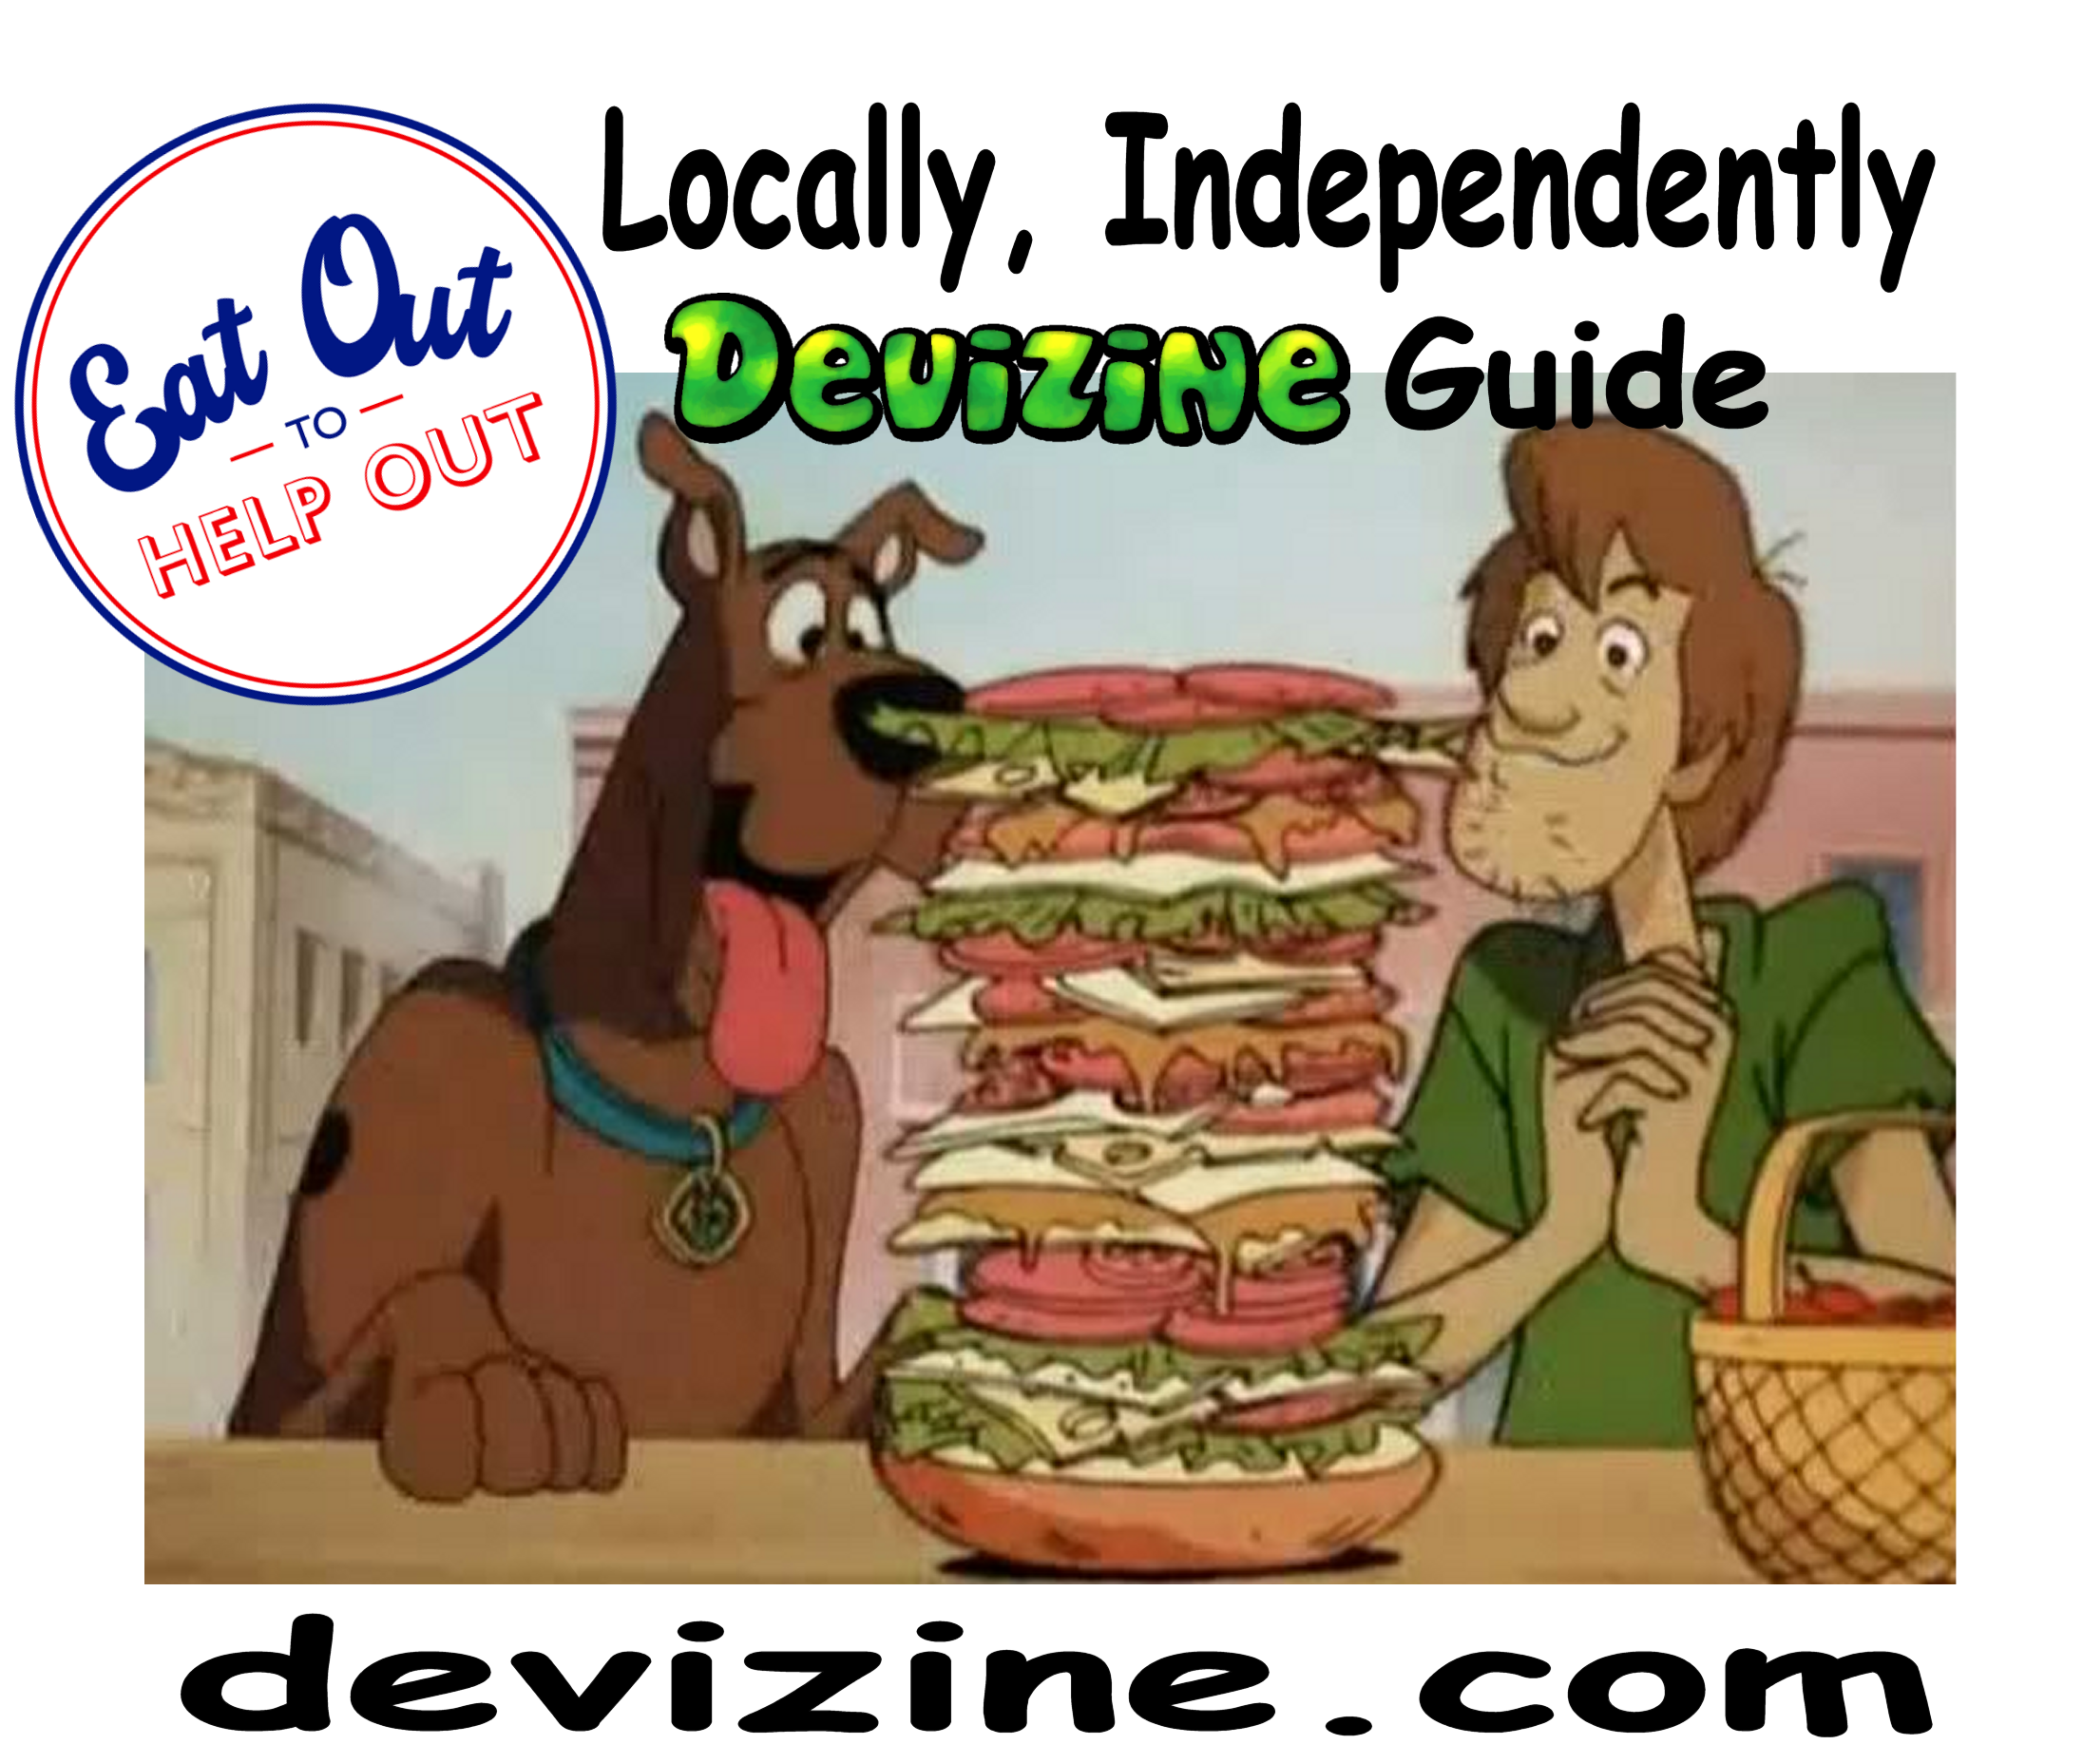 eatout1